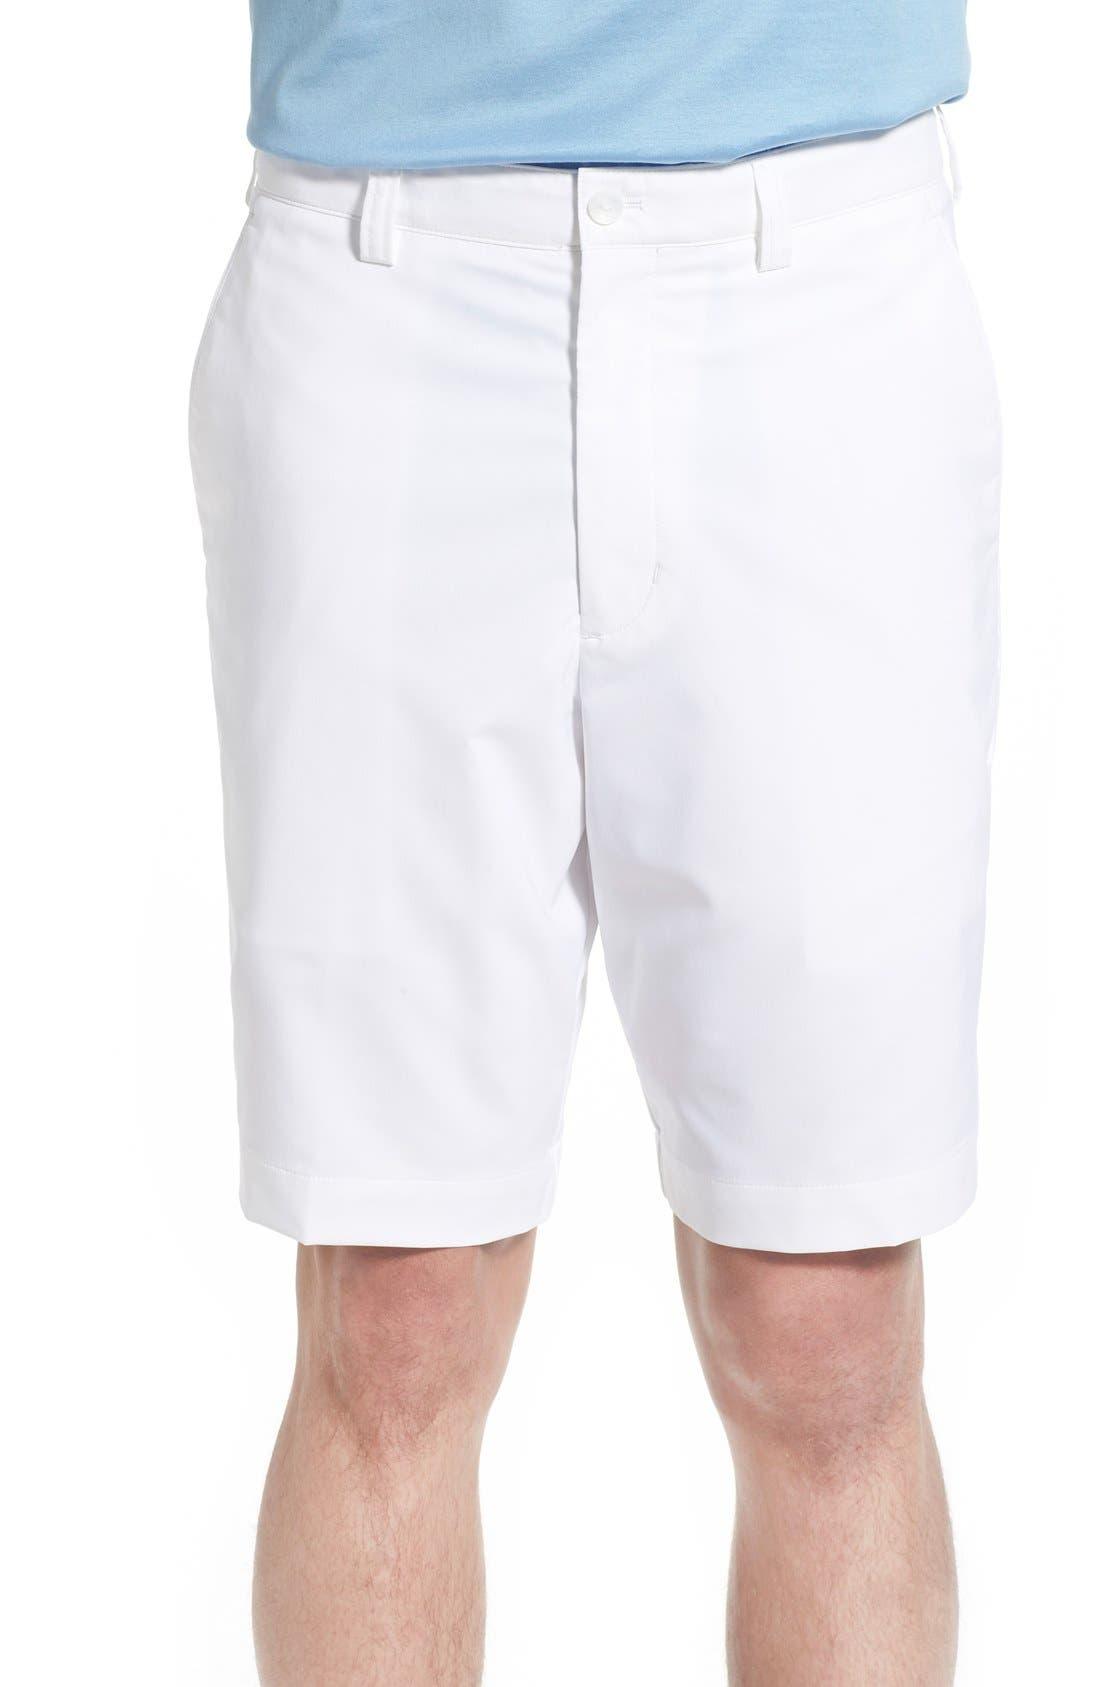 Cutter & Buck DryTec Shorts